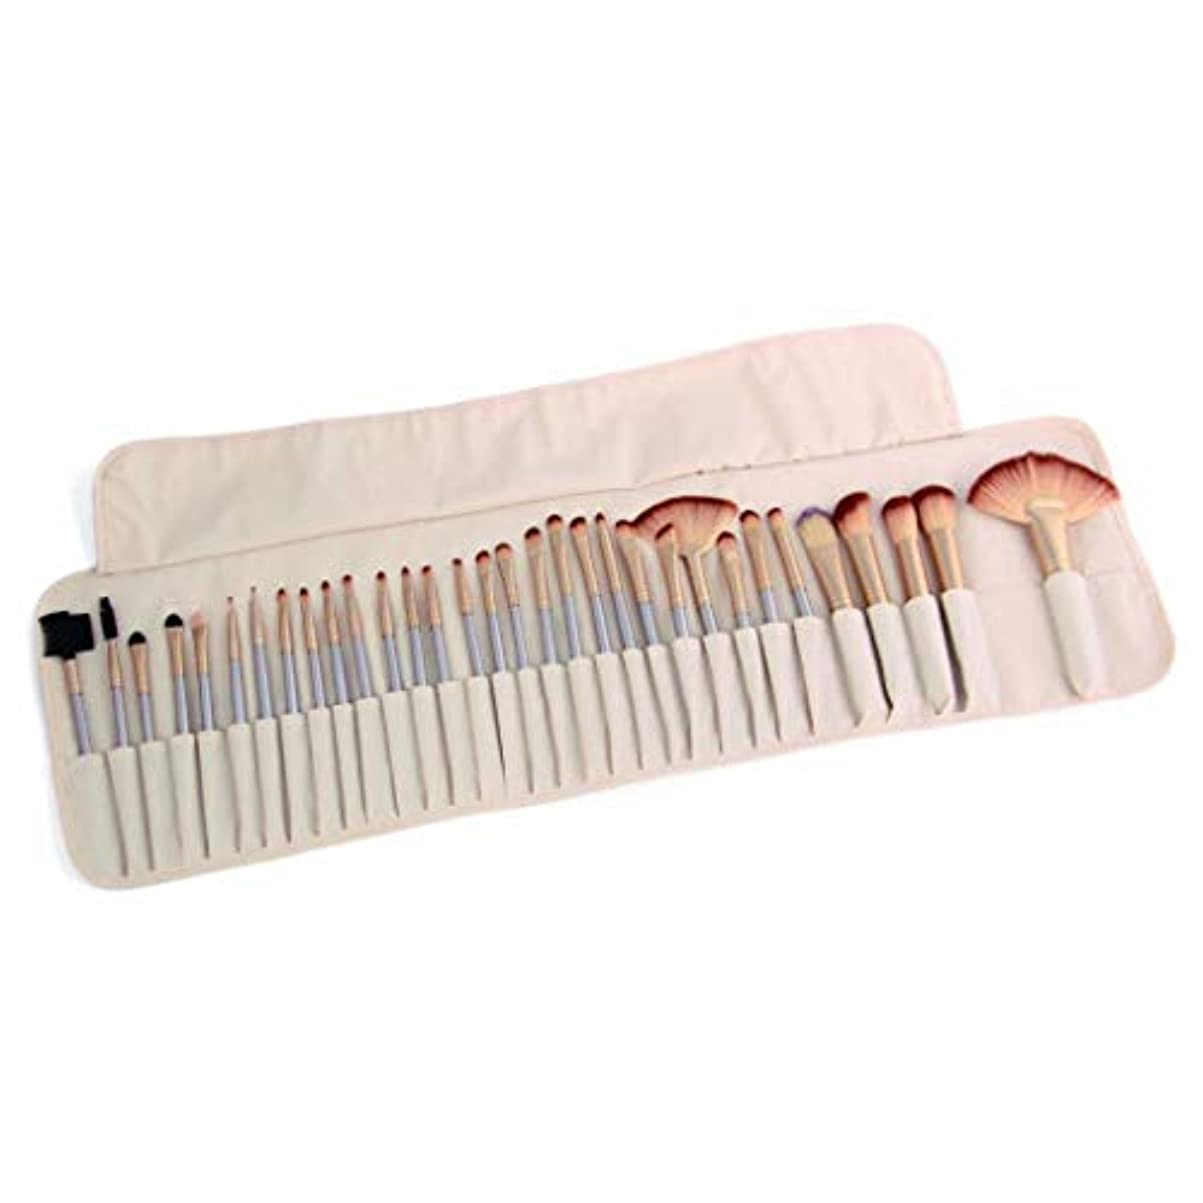 コンクリート怠惰優しい32化粧ブラシセットユニバーサル化粧道具アイシャドウブラシファンデーションブラシ,White